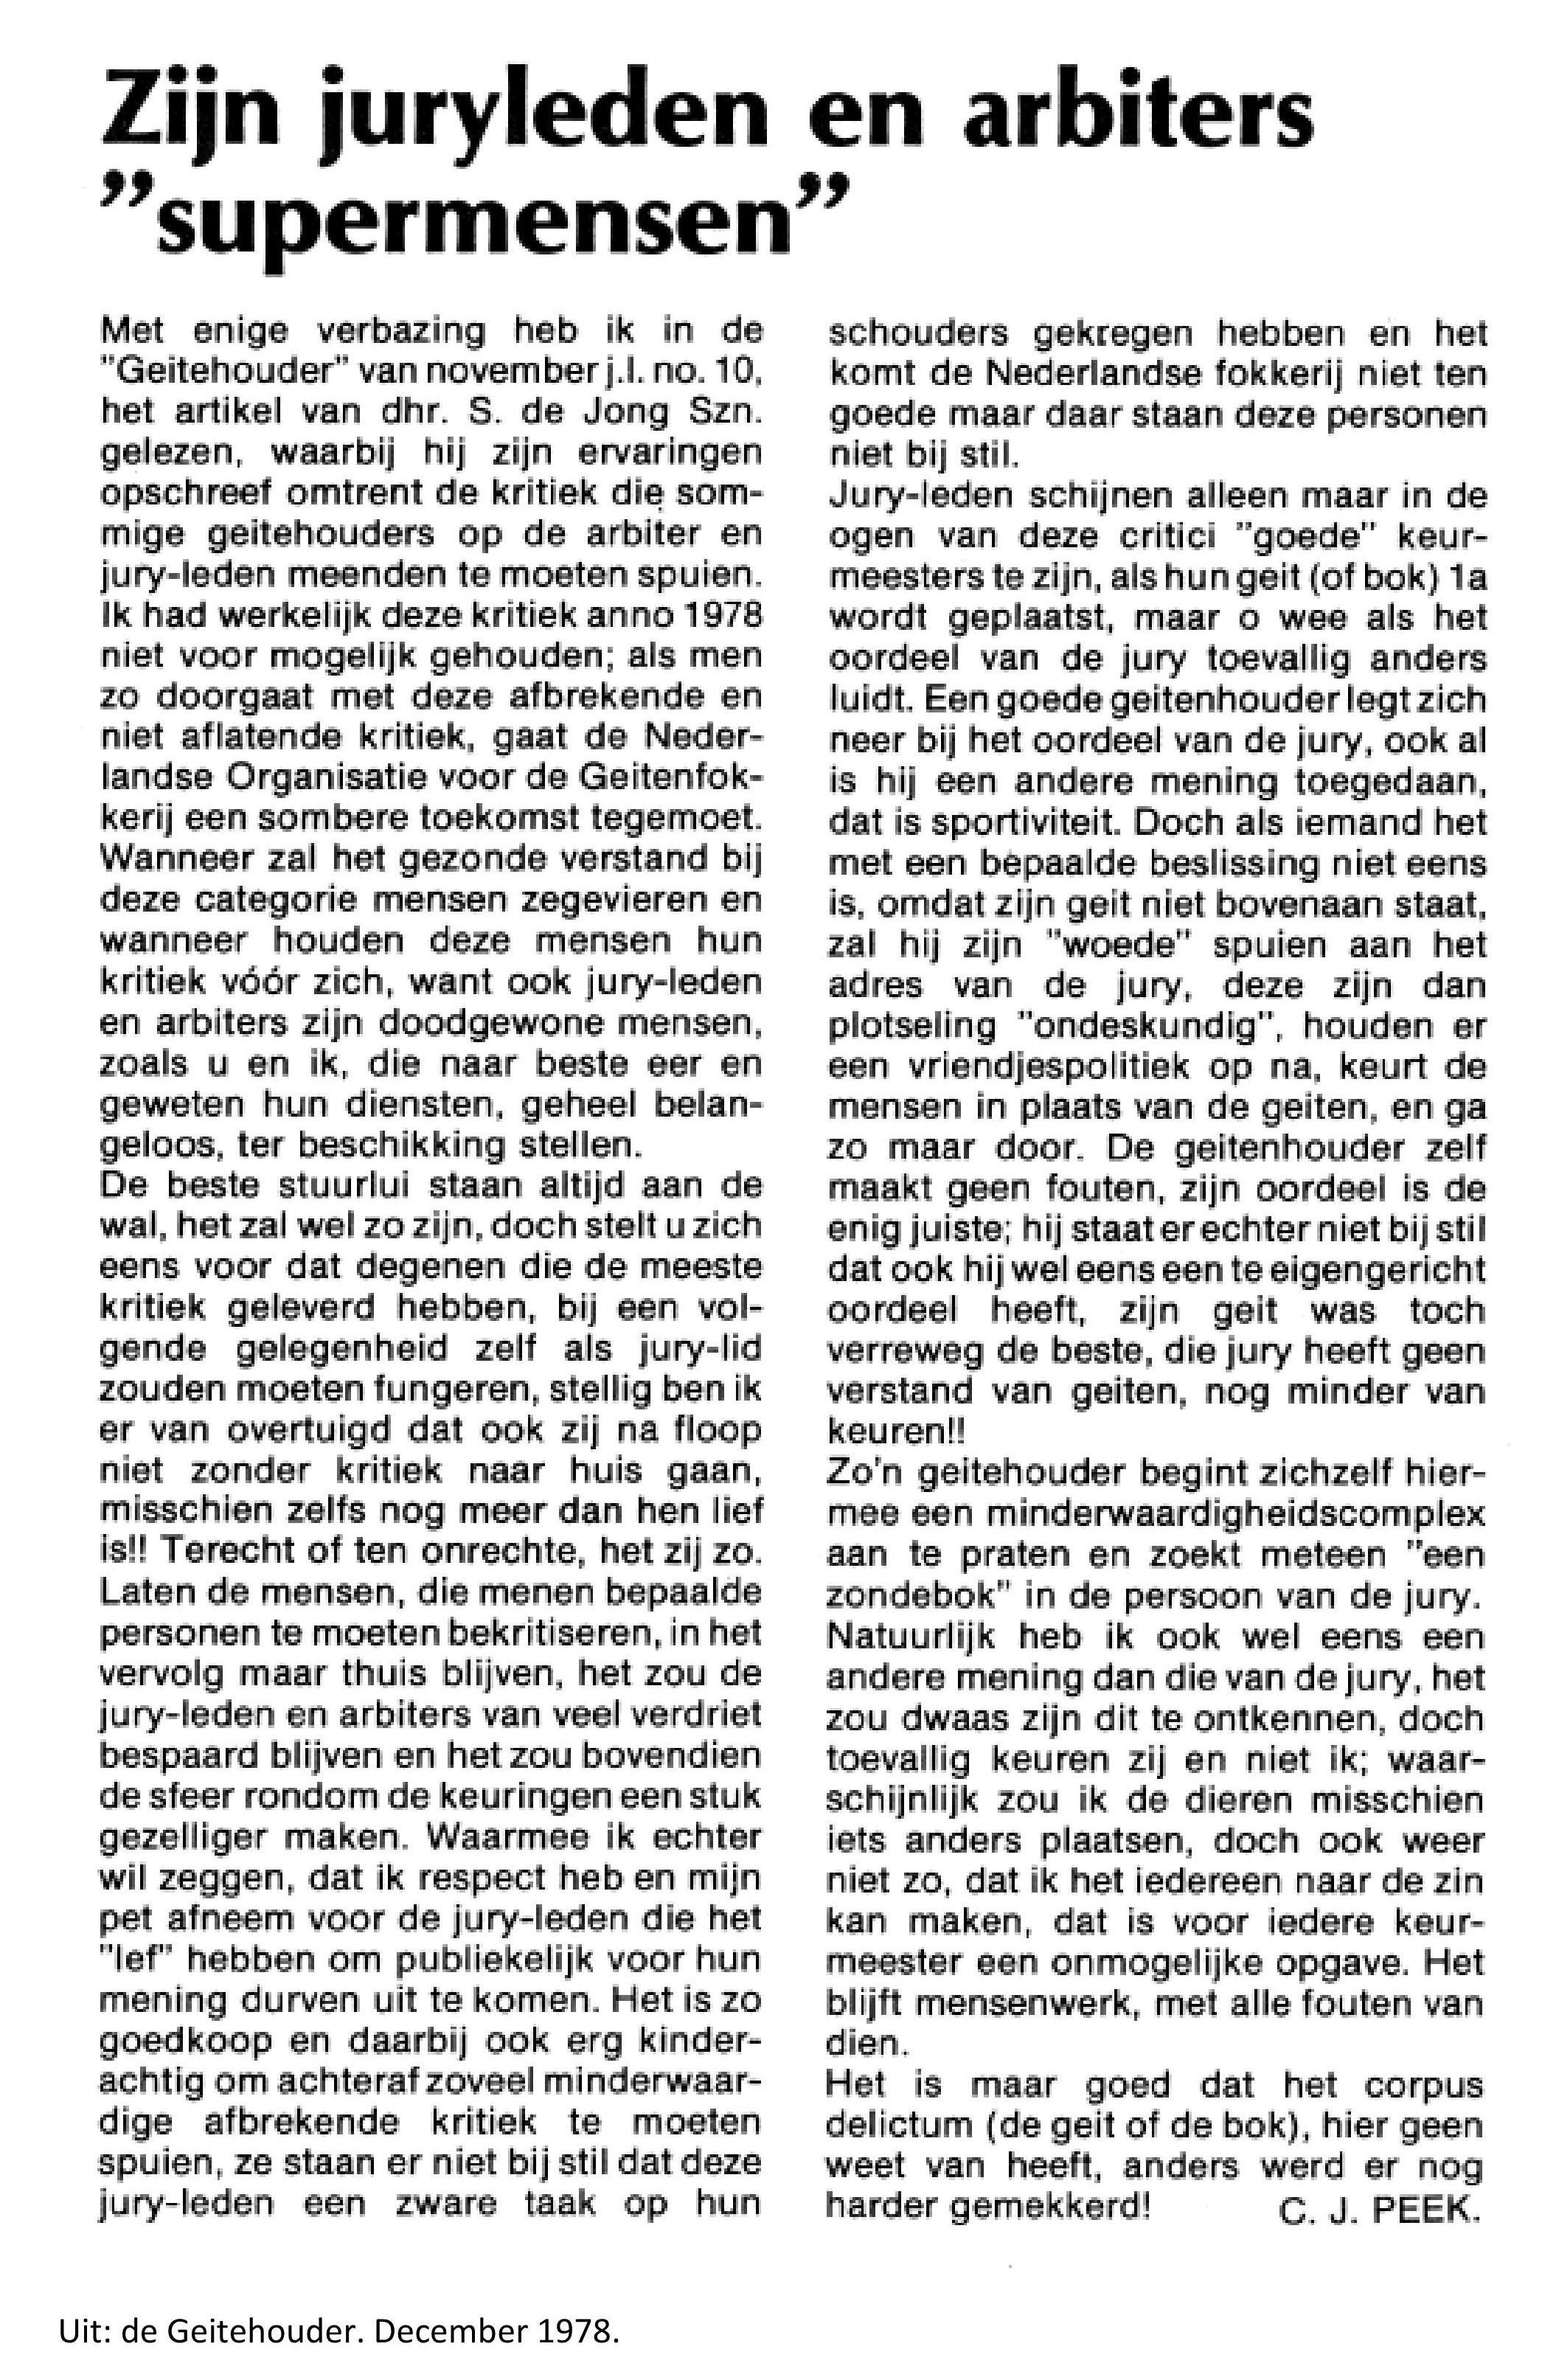 weblog-zijn-keurmeesters-supermensen-december-1978.jpg